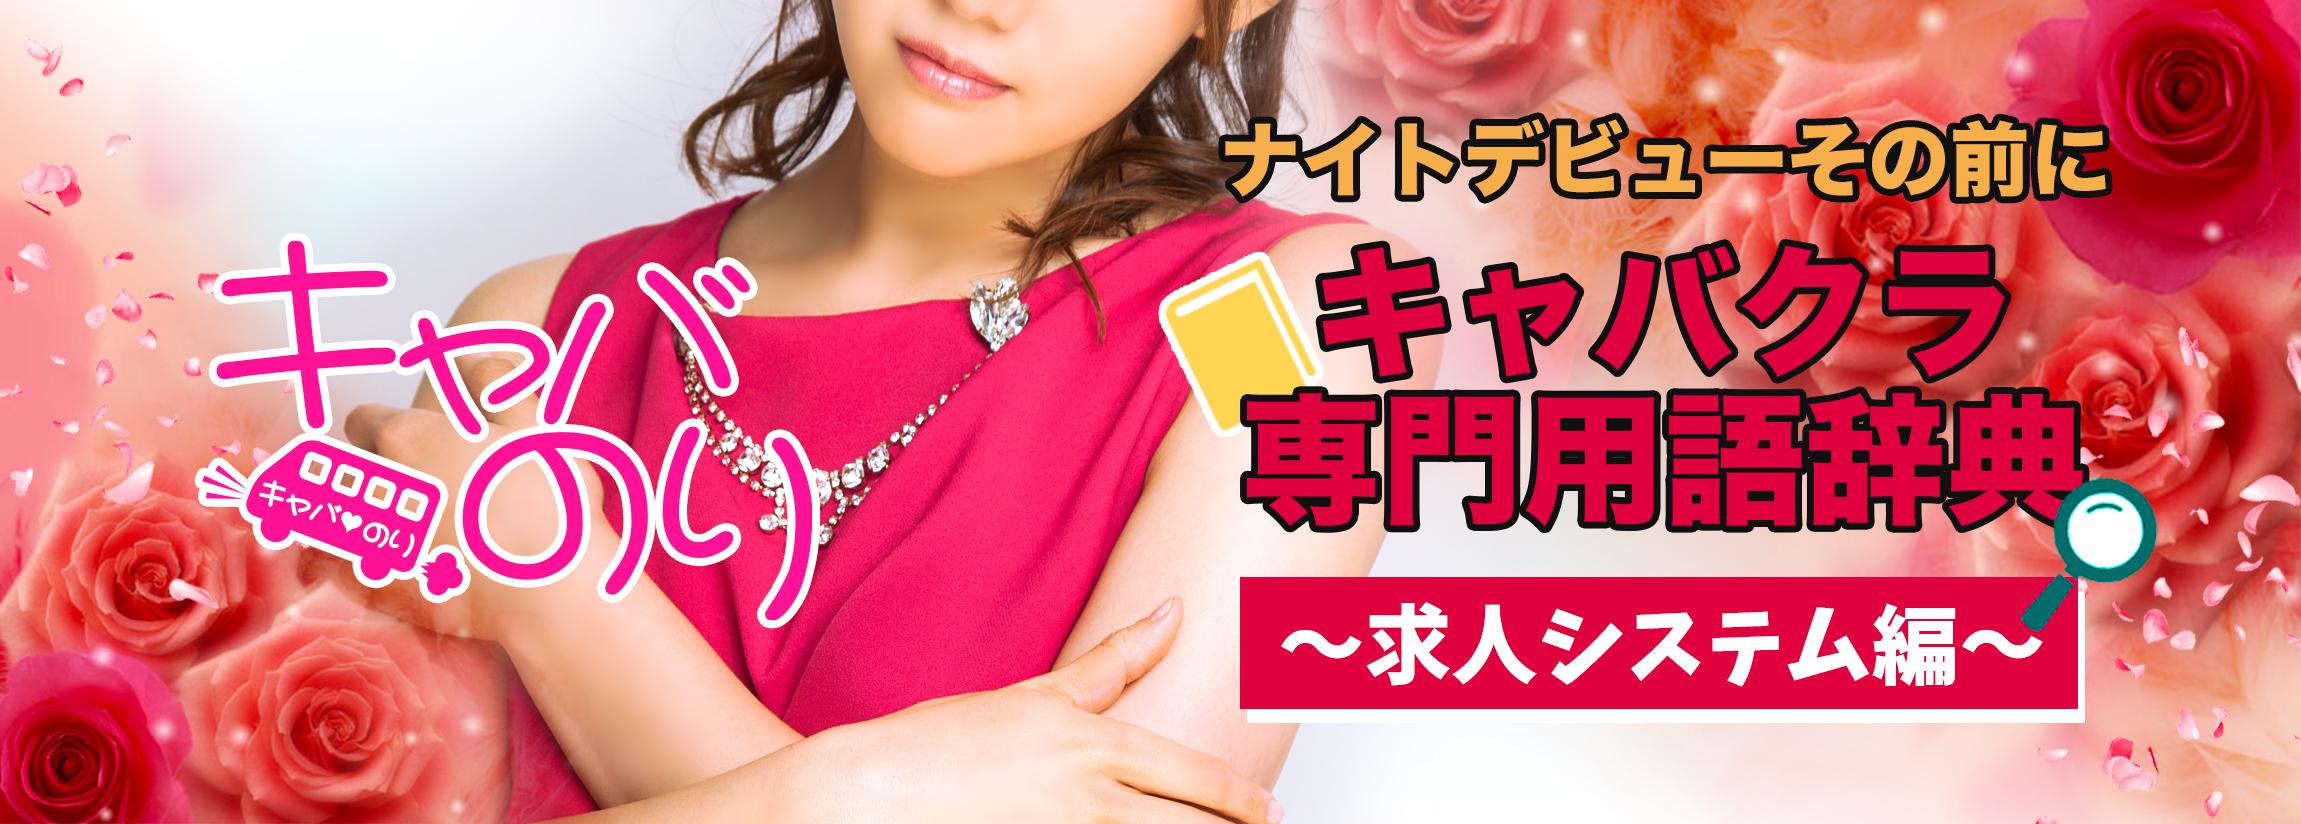 【覚えて安心♪】キャバクラ専門用語辞典〜求人システム編〜【ナイトデビュー】